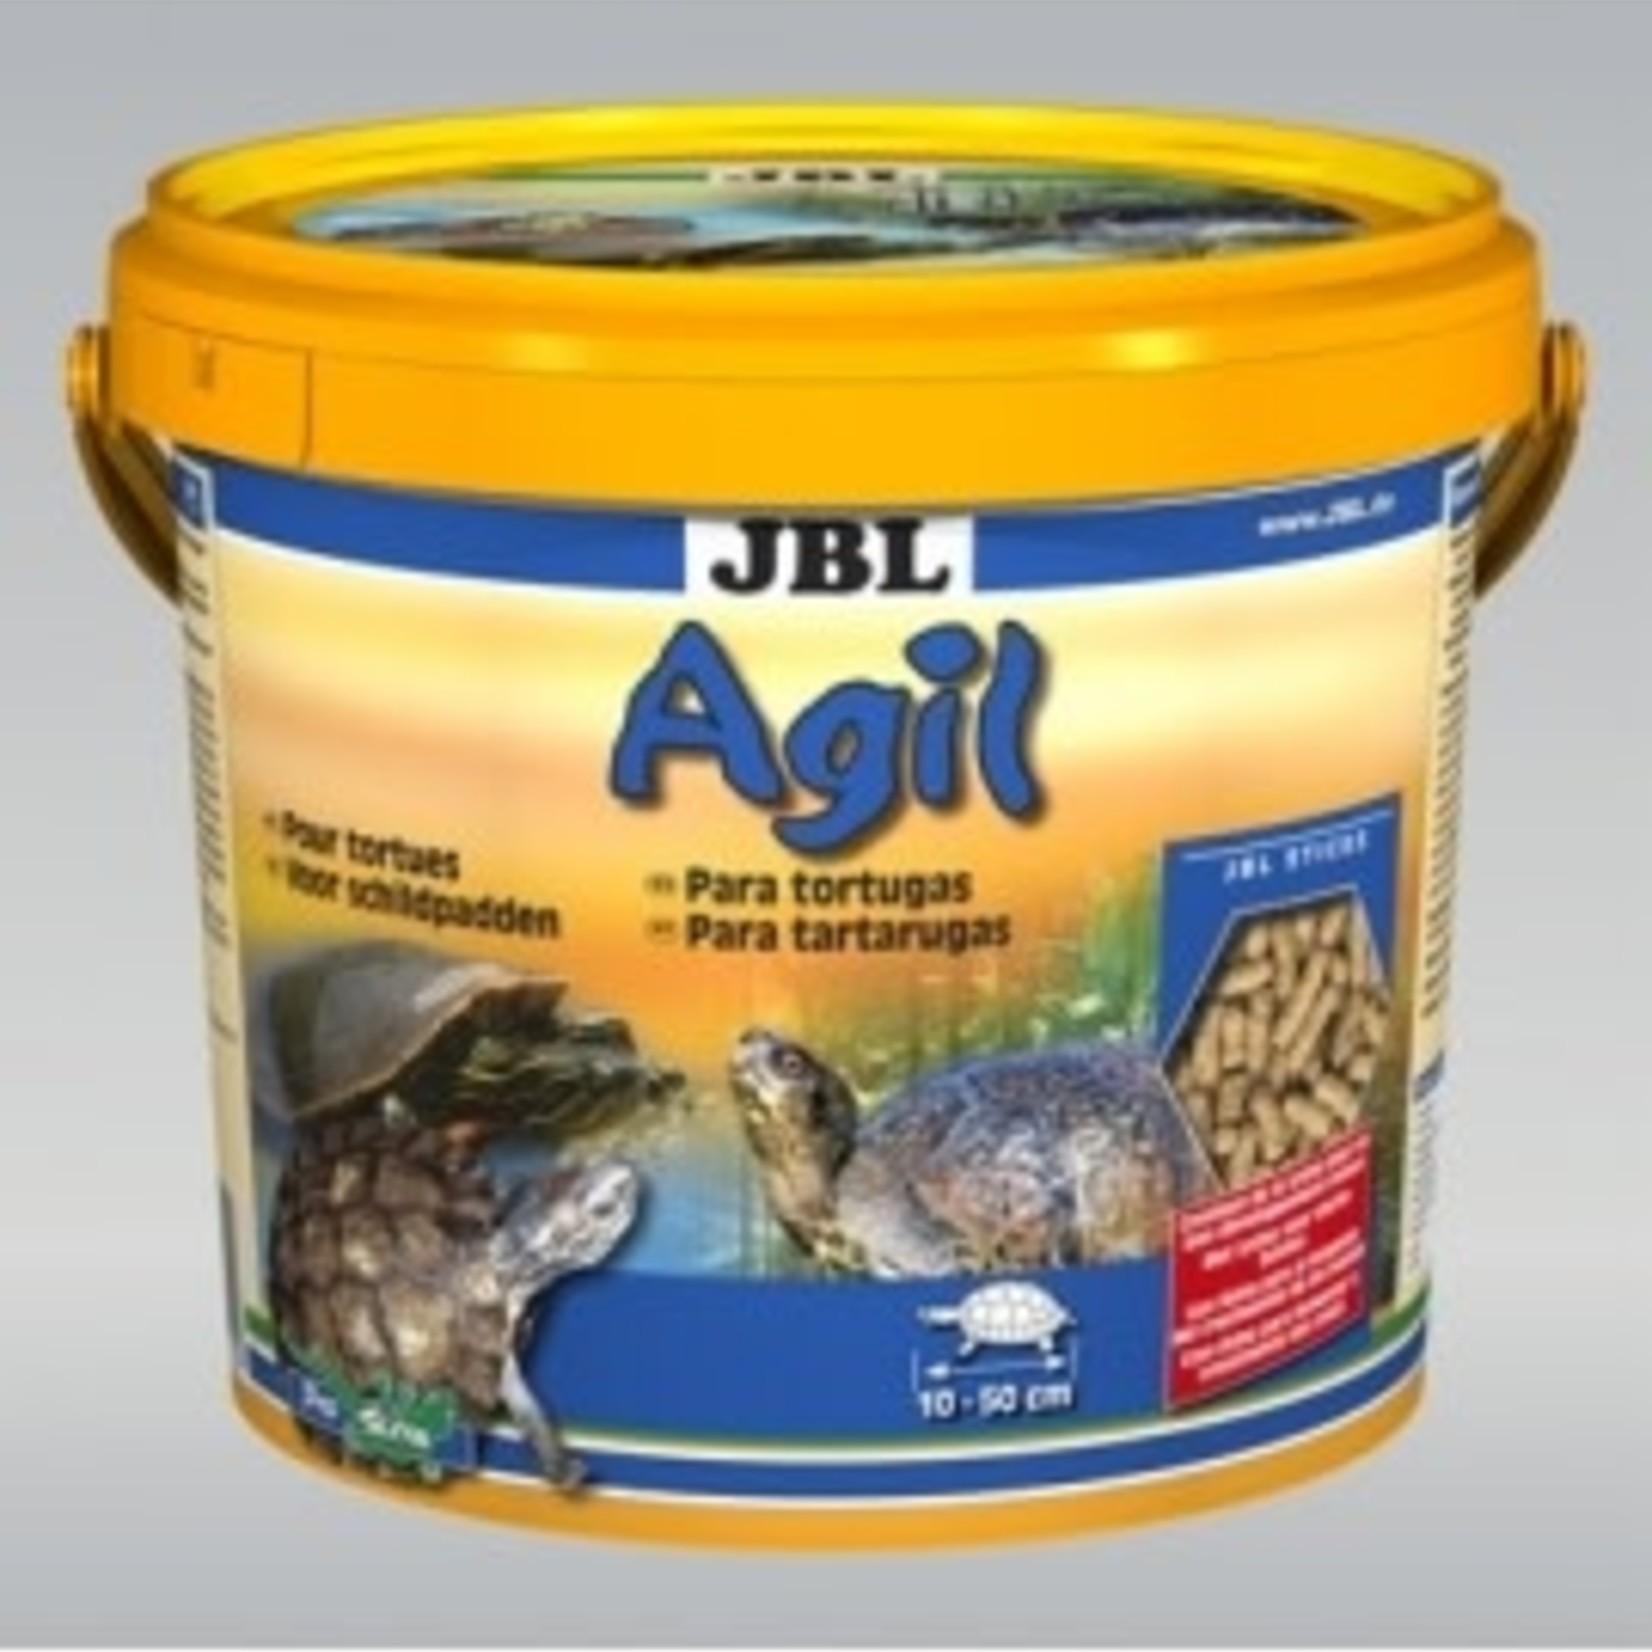 JBL AGIL-schildpad